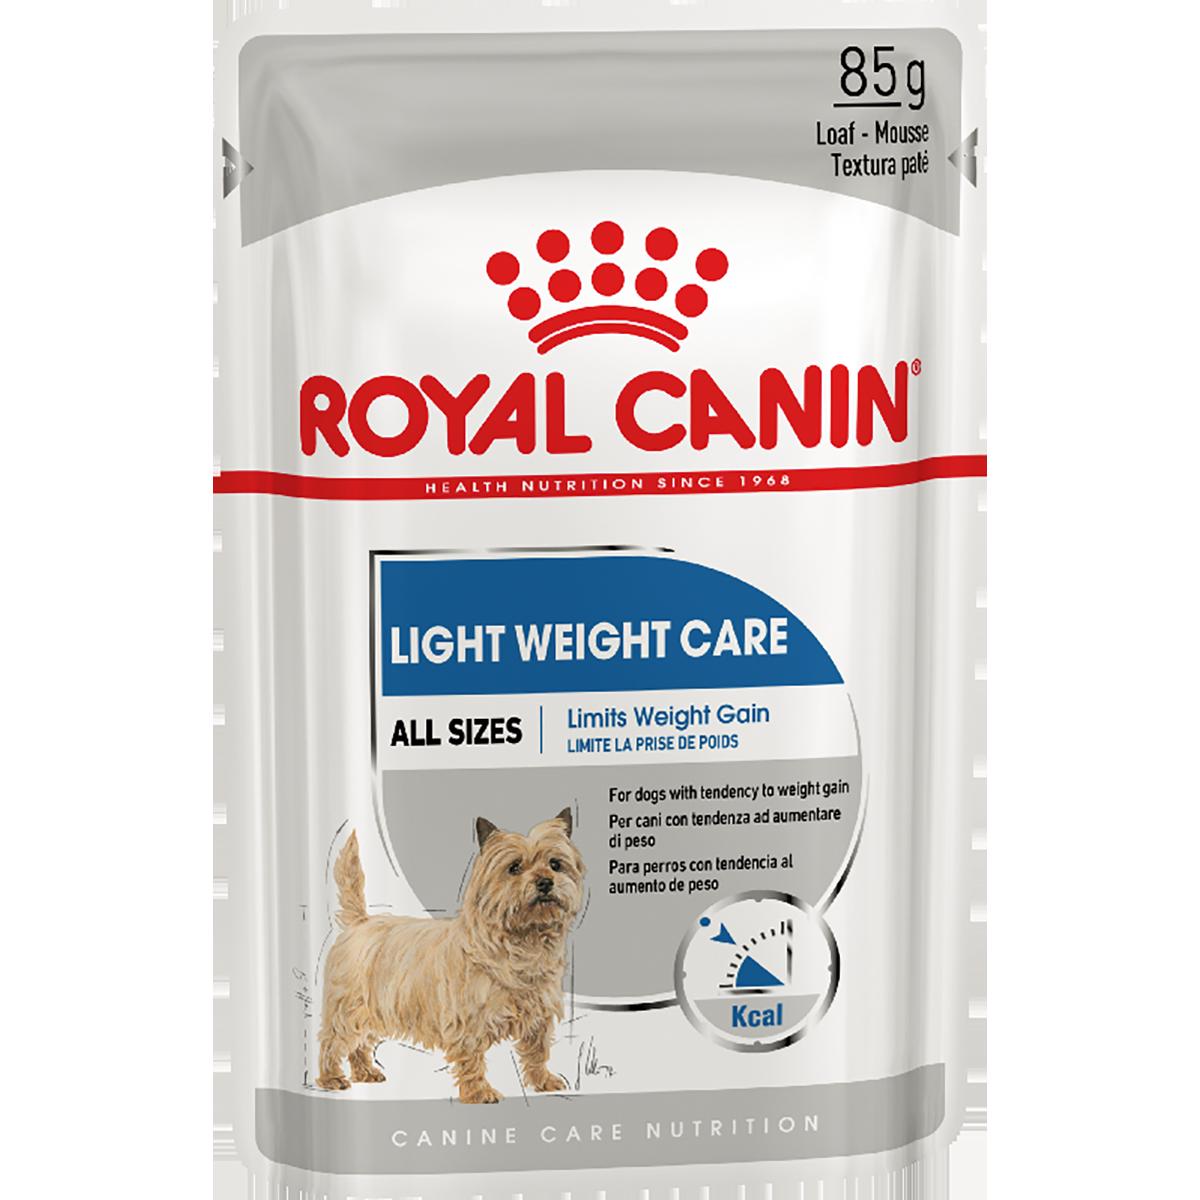 Консервированный корм для собак ROYAL CANIN LIGHT WEIGHT CARE паштет, 12шт*85 г